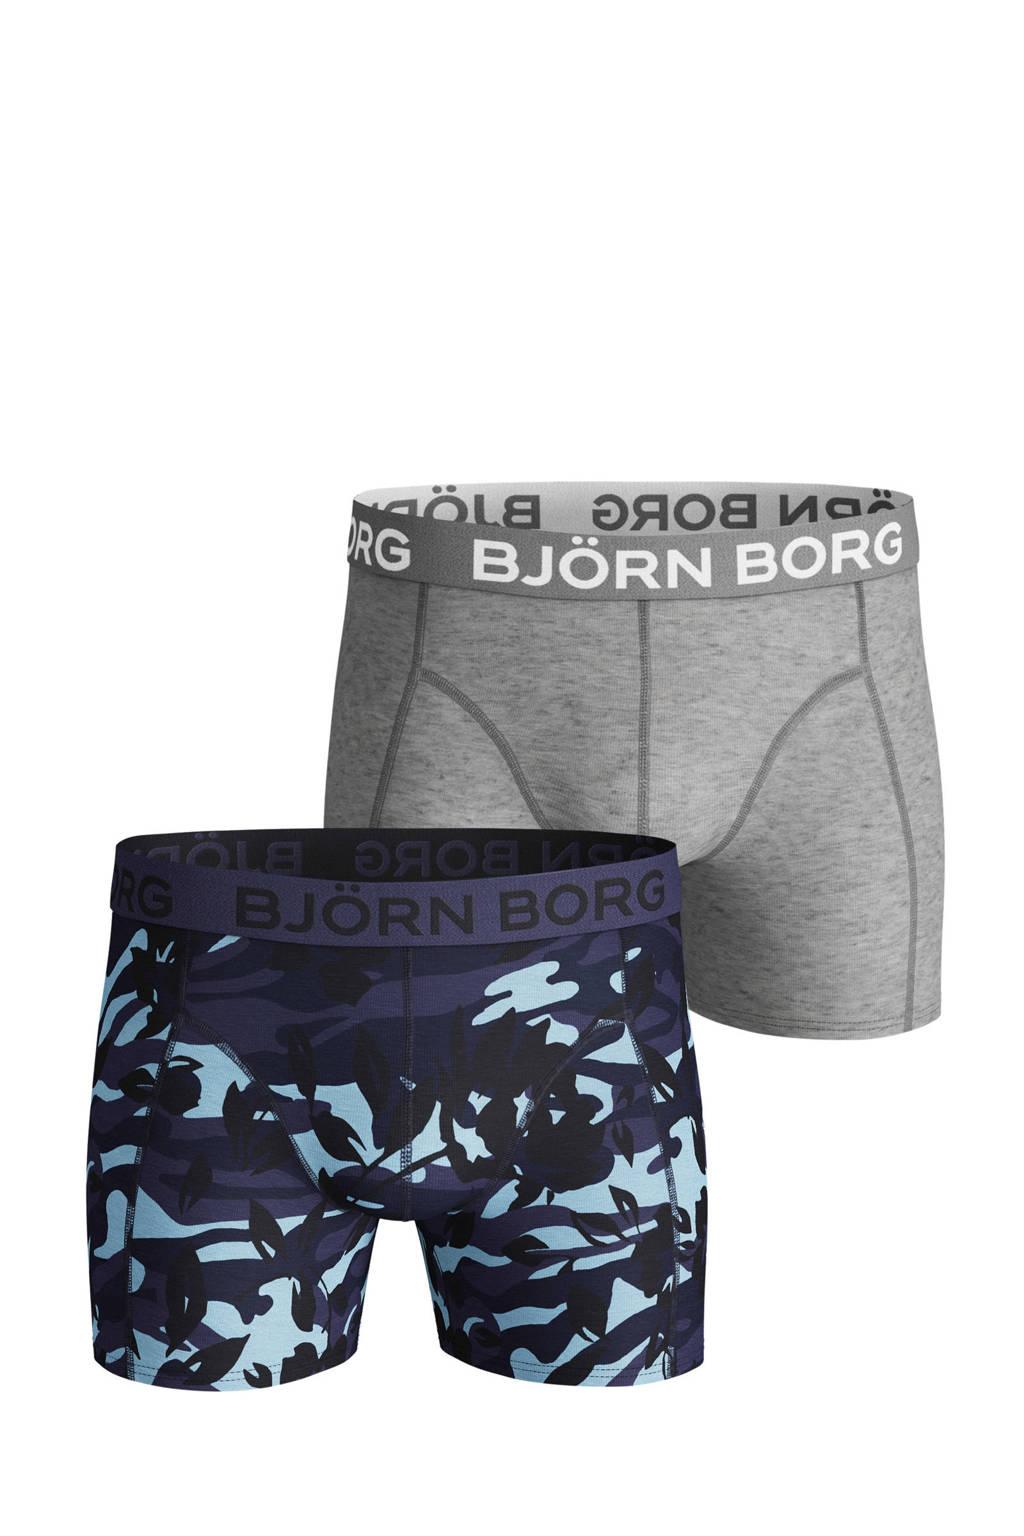 Björn Borg boxershort (set van 2), Grijs/donkerblauw